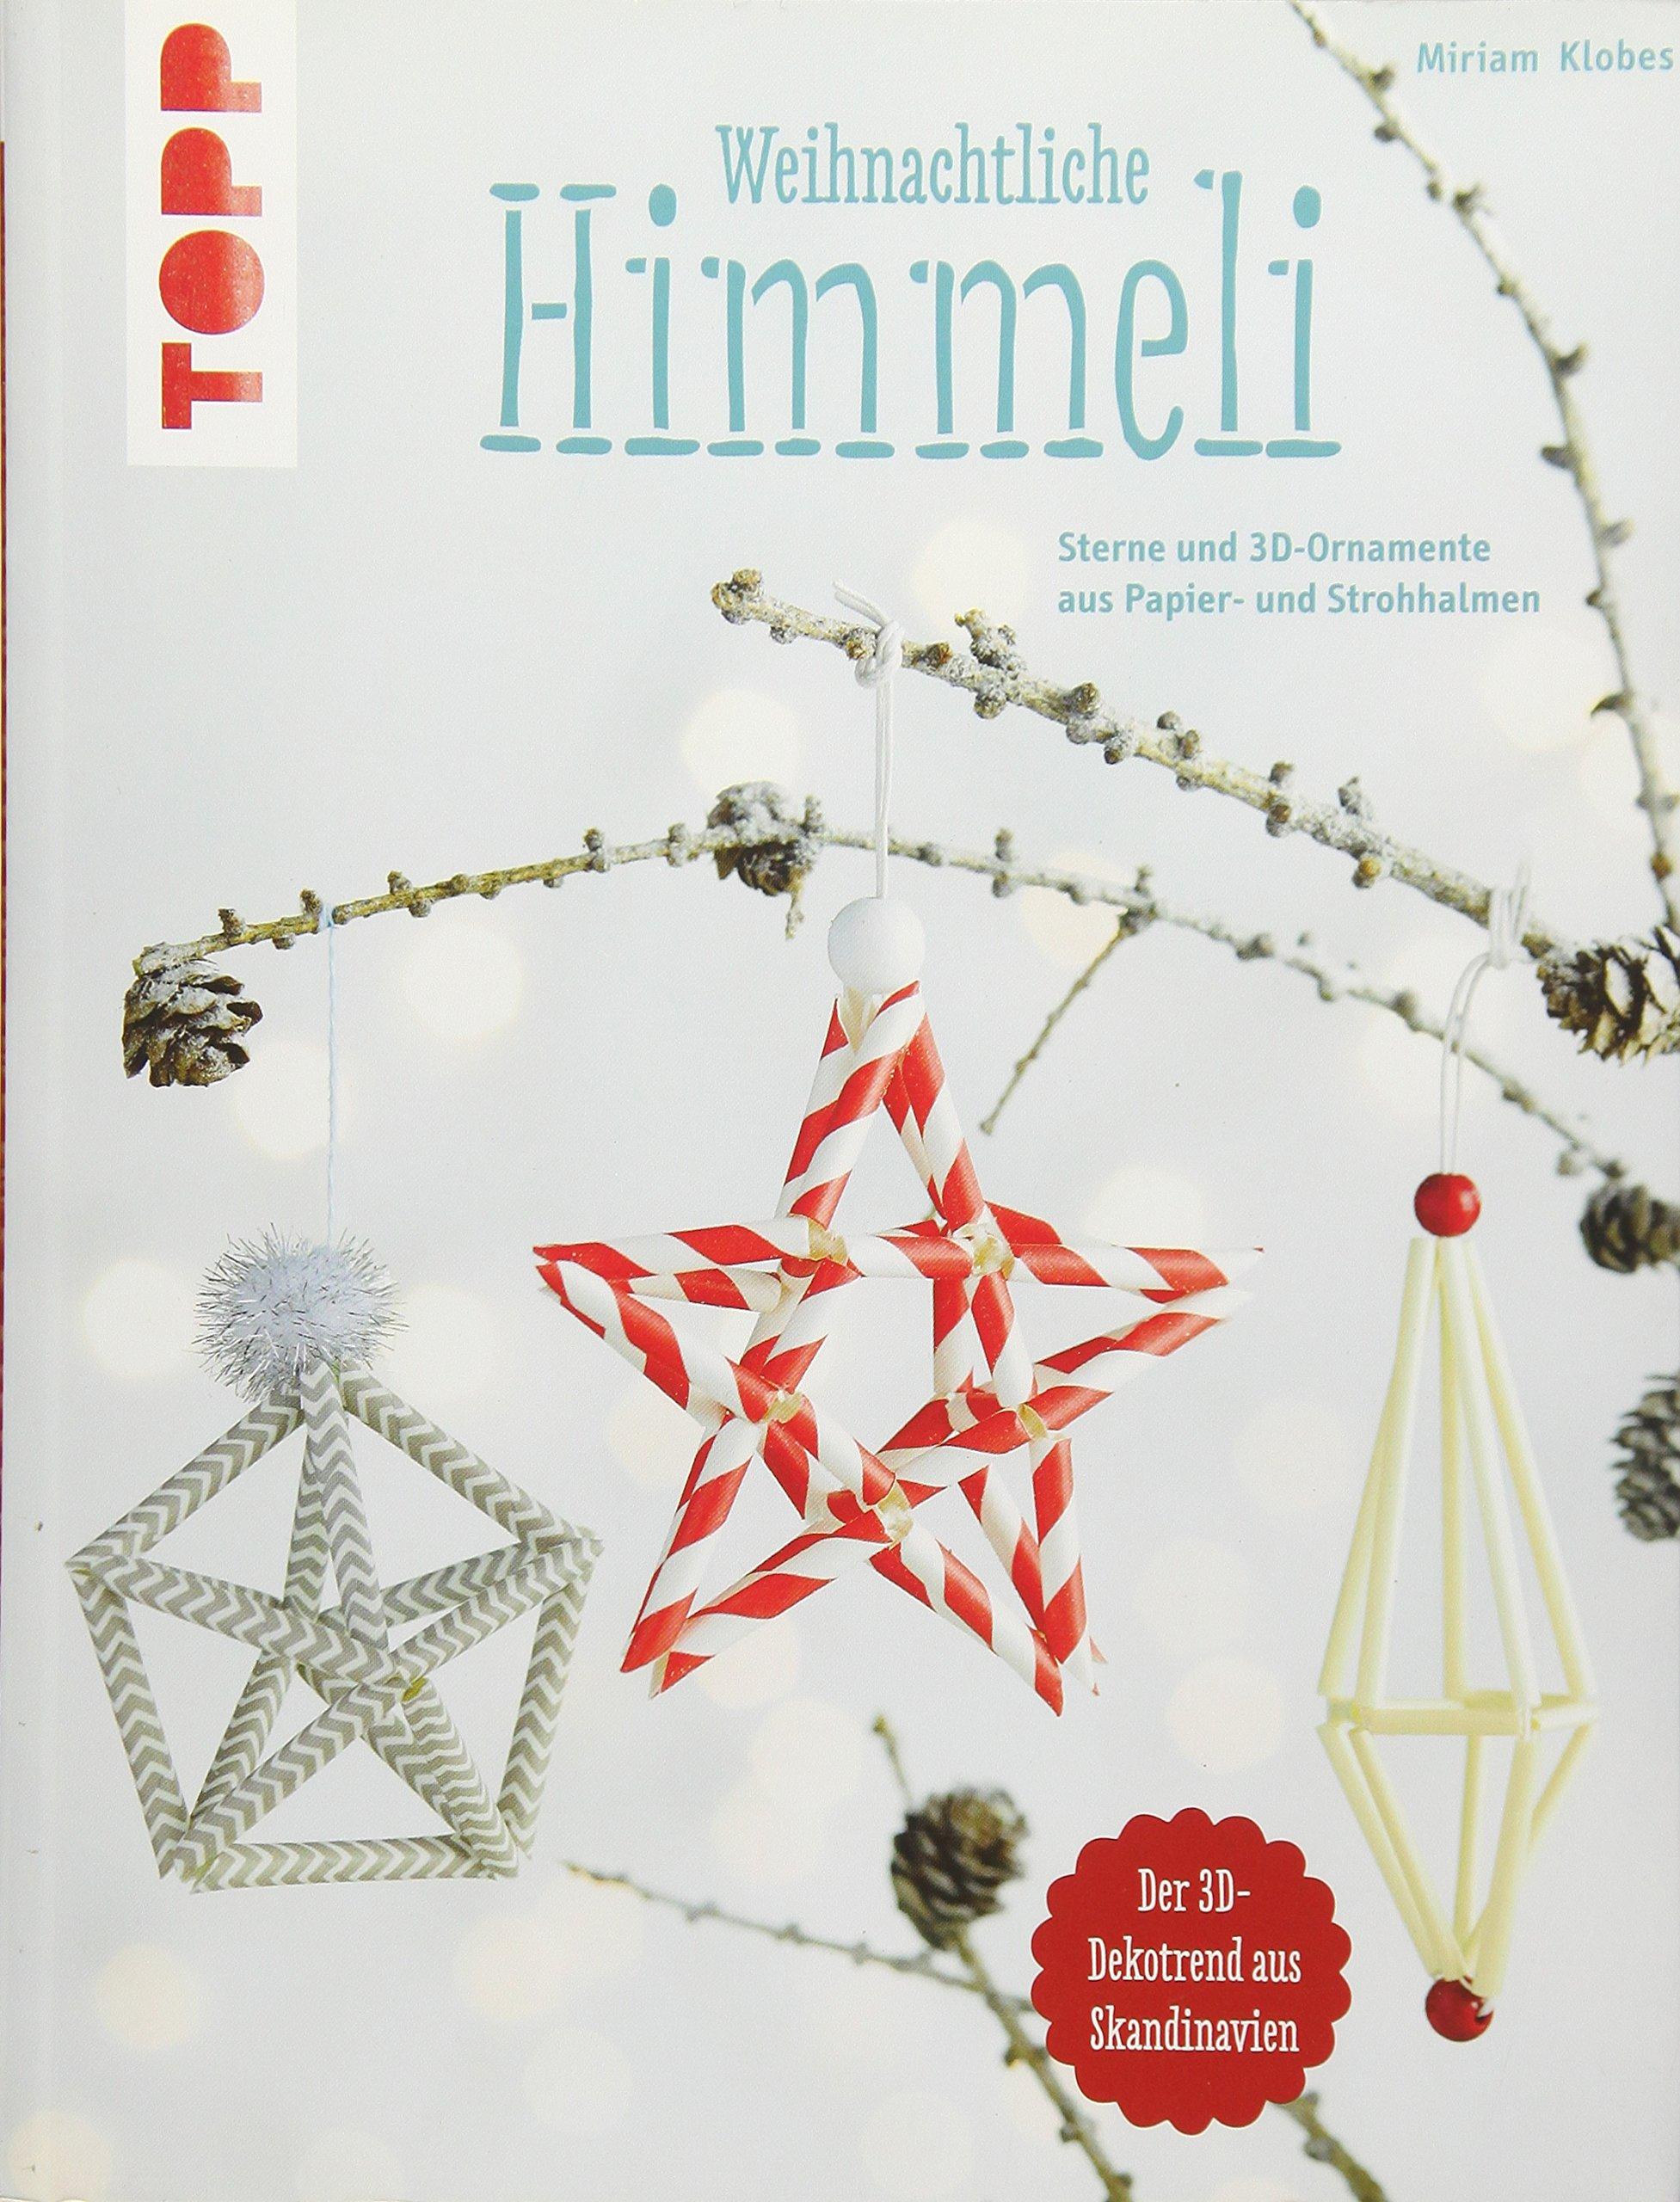 Weihnachtliche Himmeli (kreativ.kompakt.): Sterne und 3D-Ornamente aus Papier- und Strohhalmen